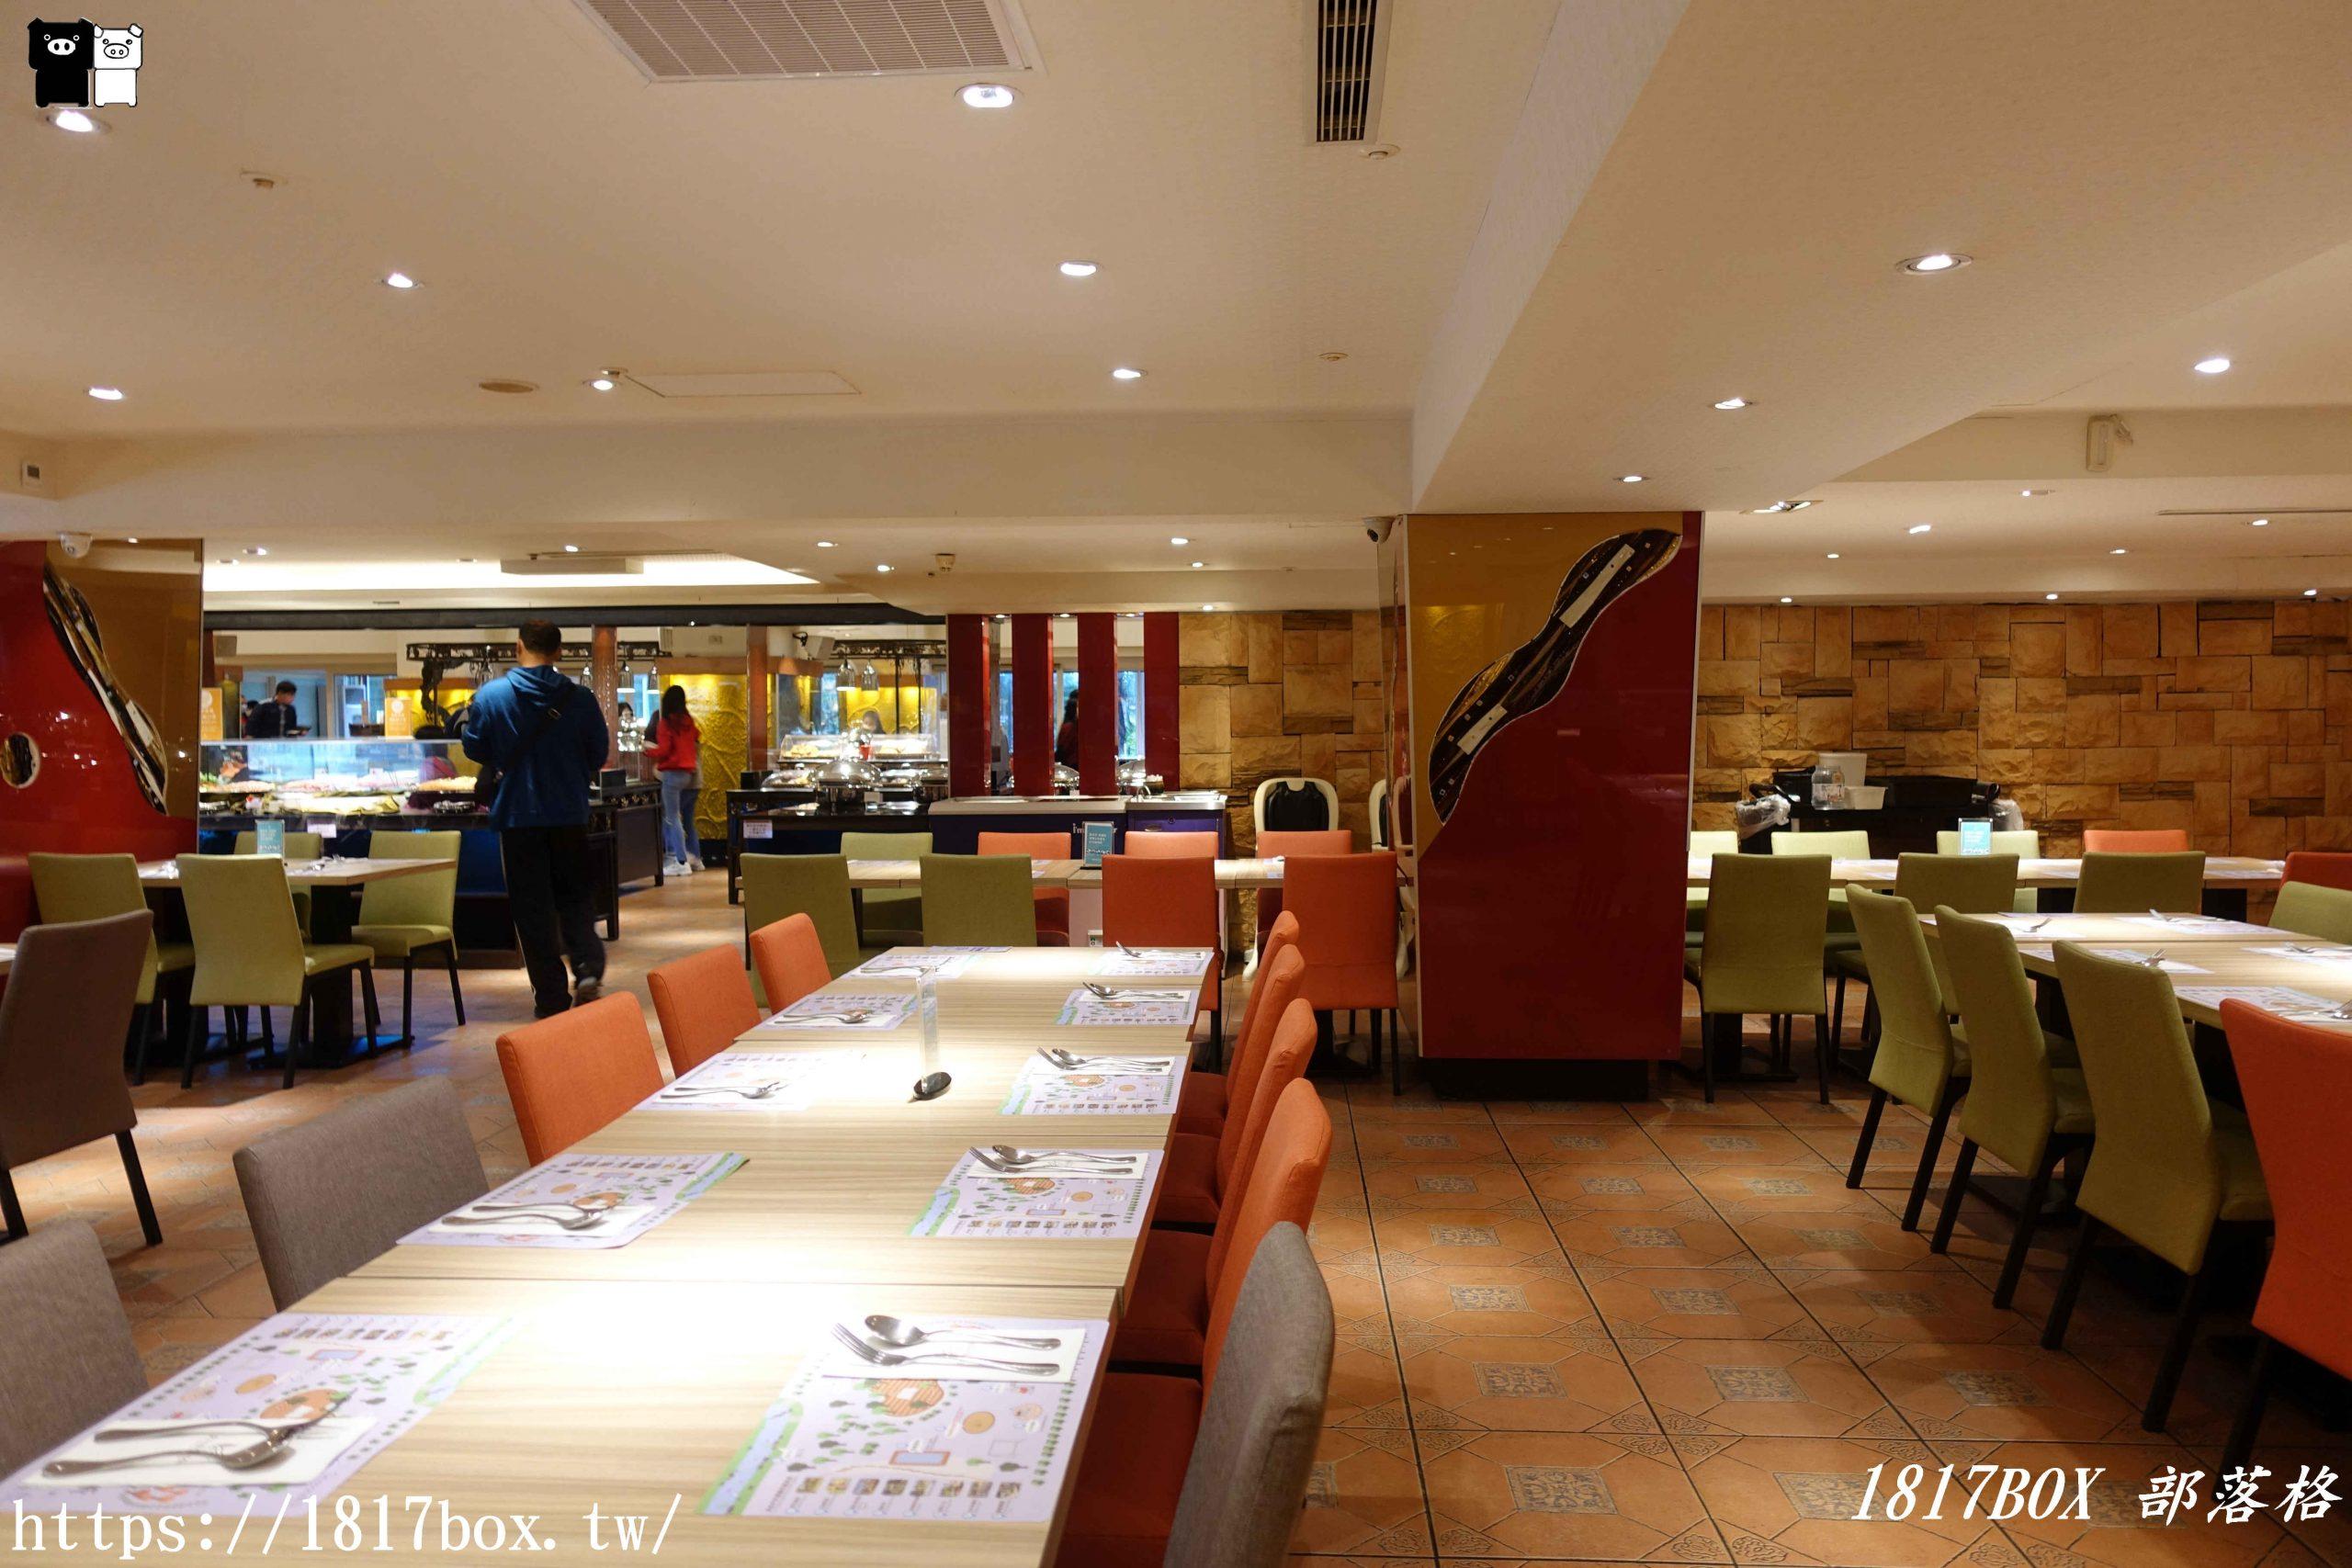 【台中。烏日】清新溫泉飯店。一泊二食 @1817BOX部落格